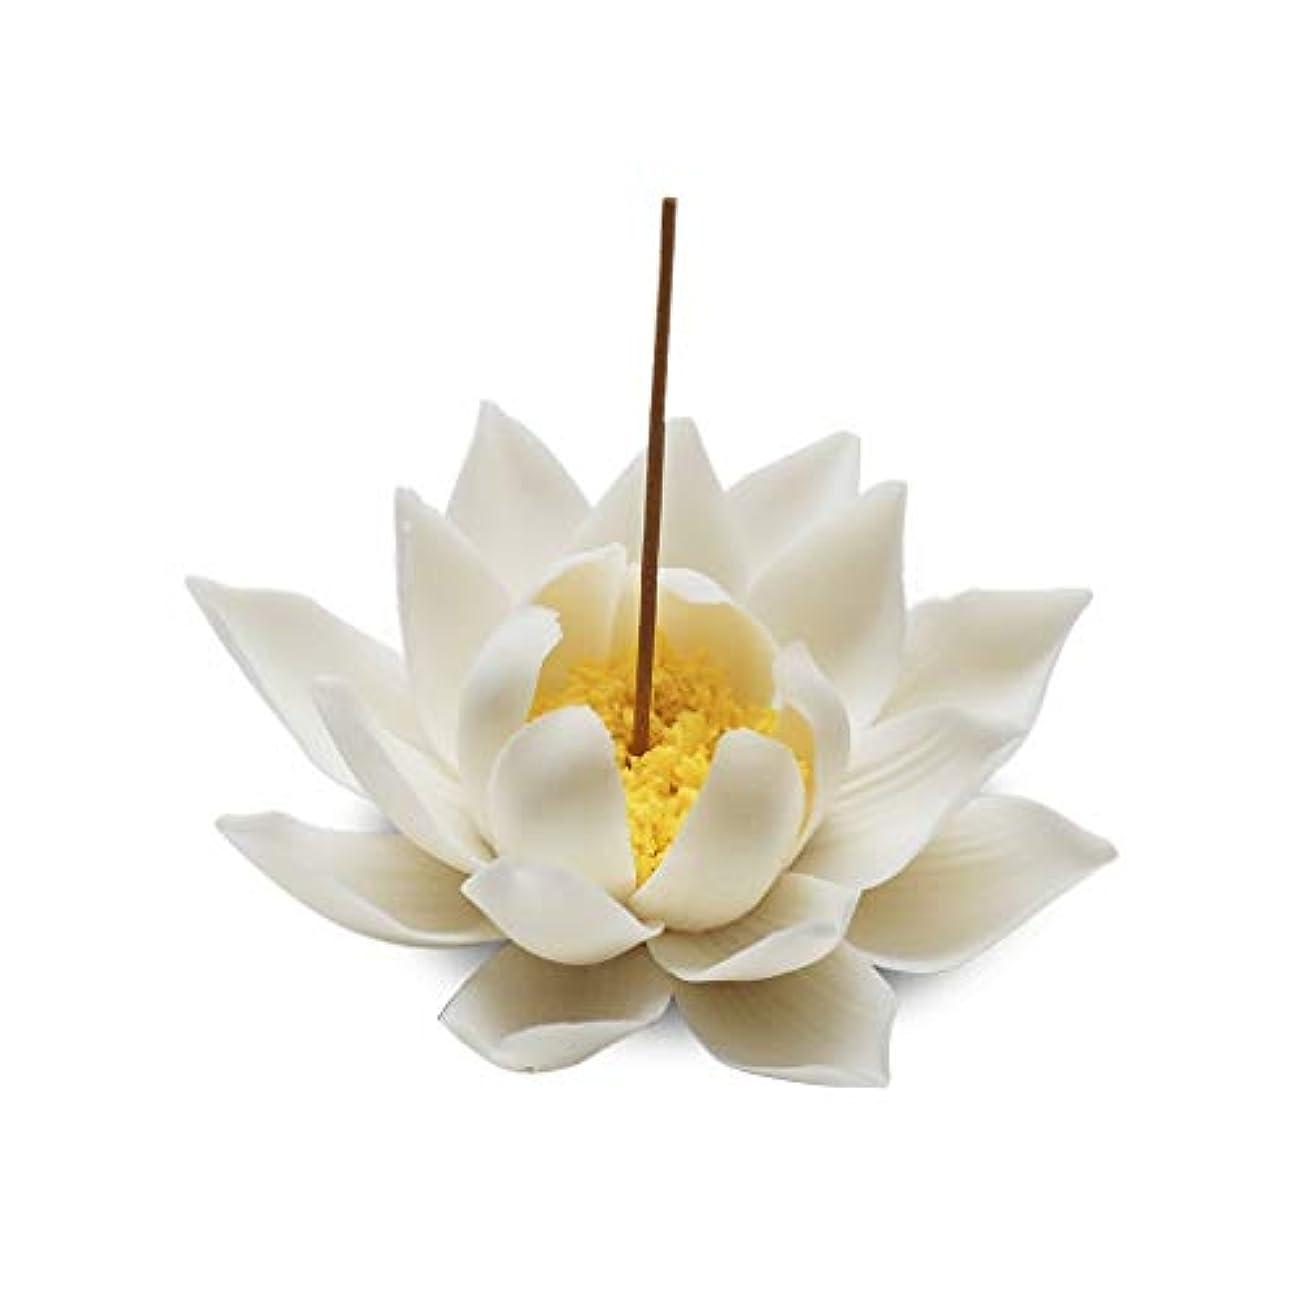 小売長老作物芳香器?アロマバーナー セラミック蓮香バーナー家の装飾香スティックホルダー仏教アロマセラピーホームリビングルームの茶屋 芳香器?アロマバーナー (Color : A)